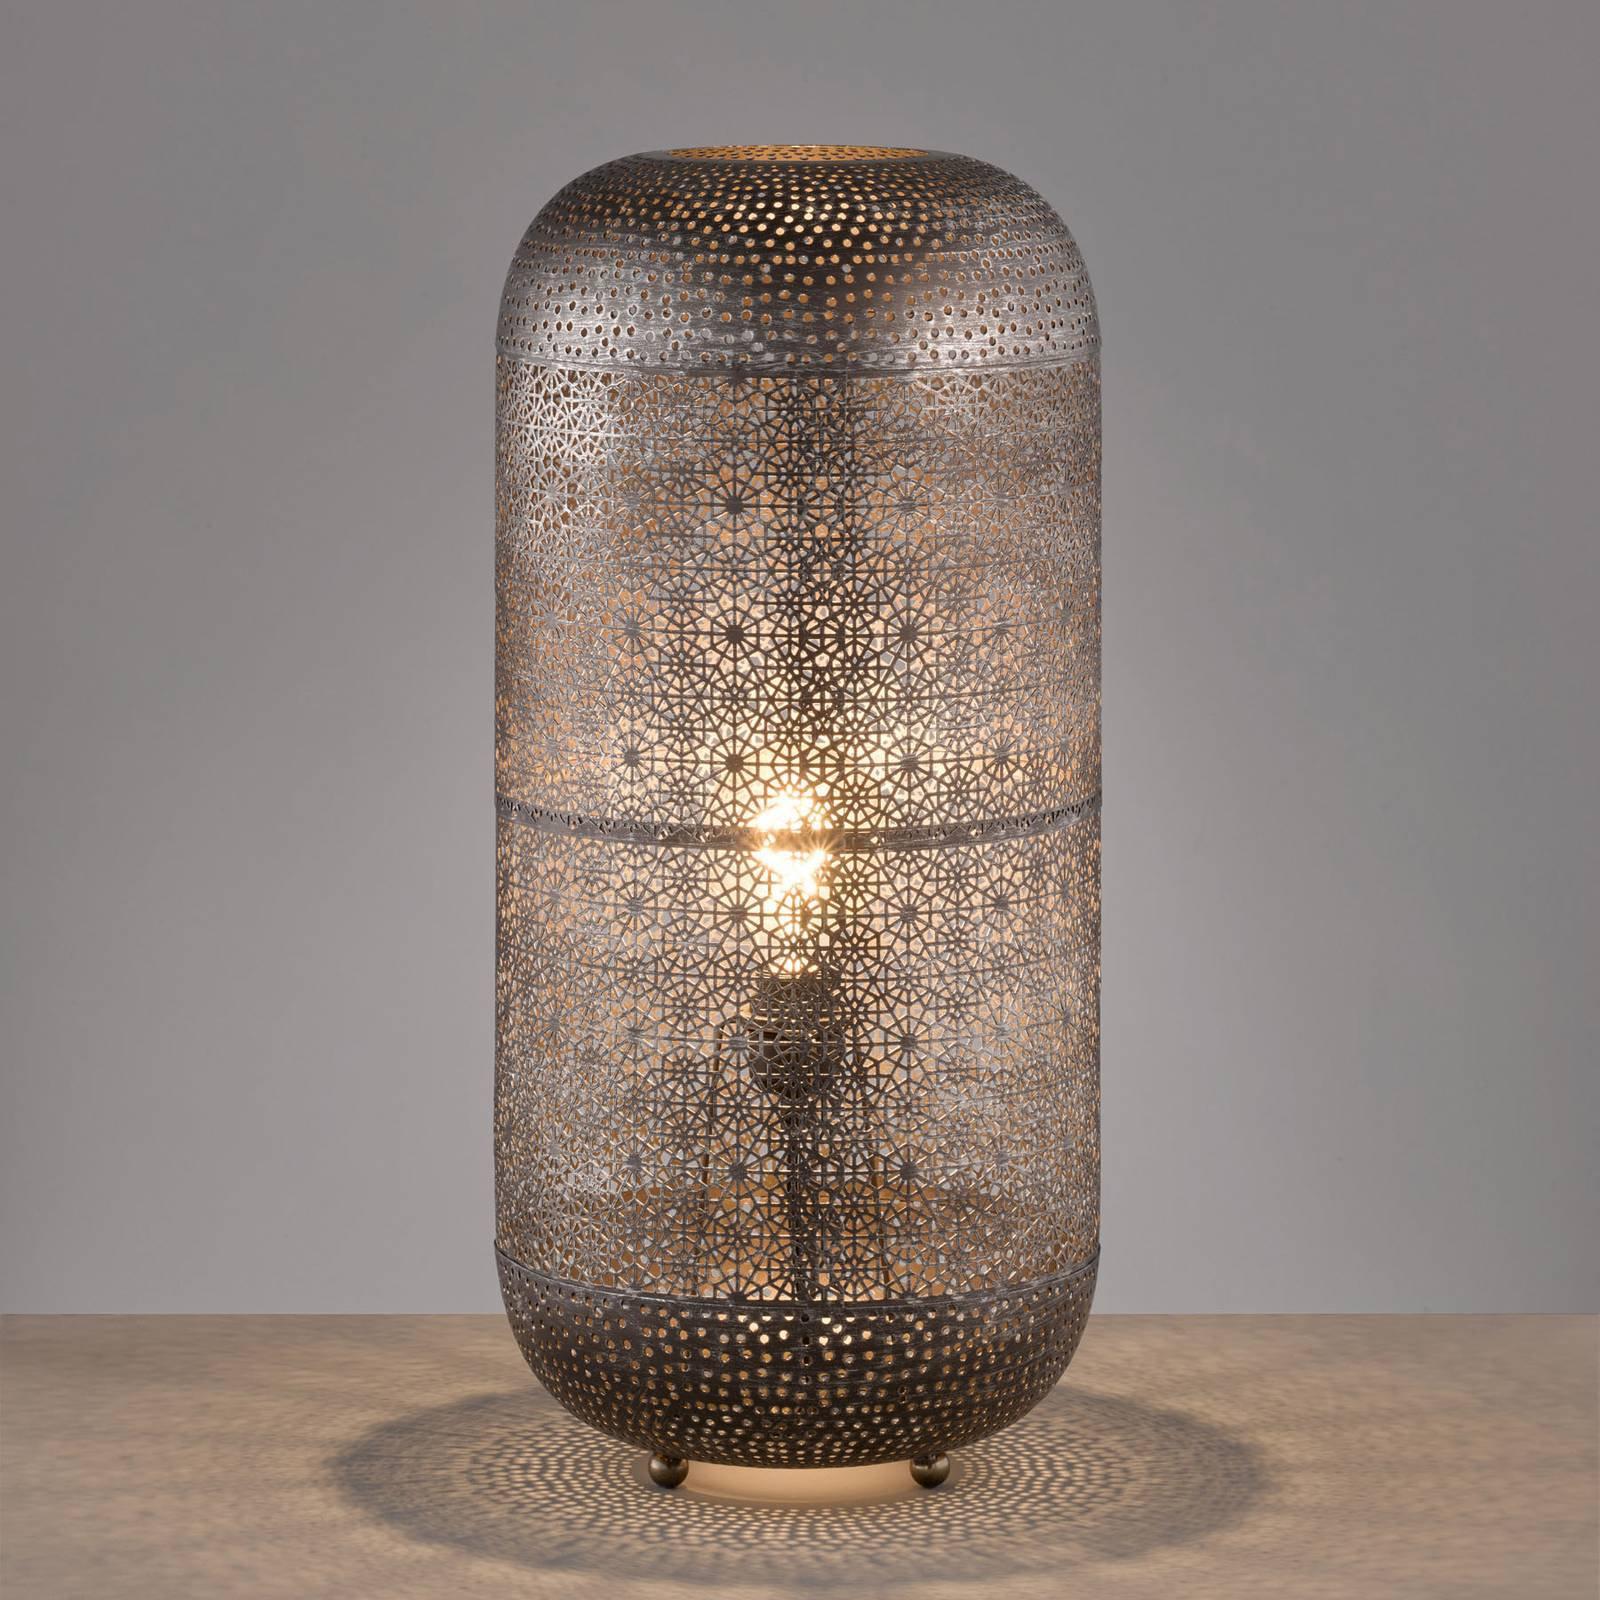 Bordlampe Velvet, høyde 64 cm, Ø 30 cm